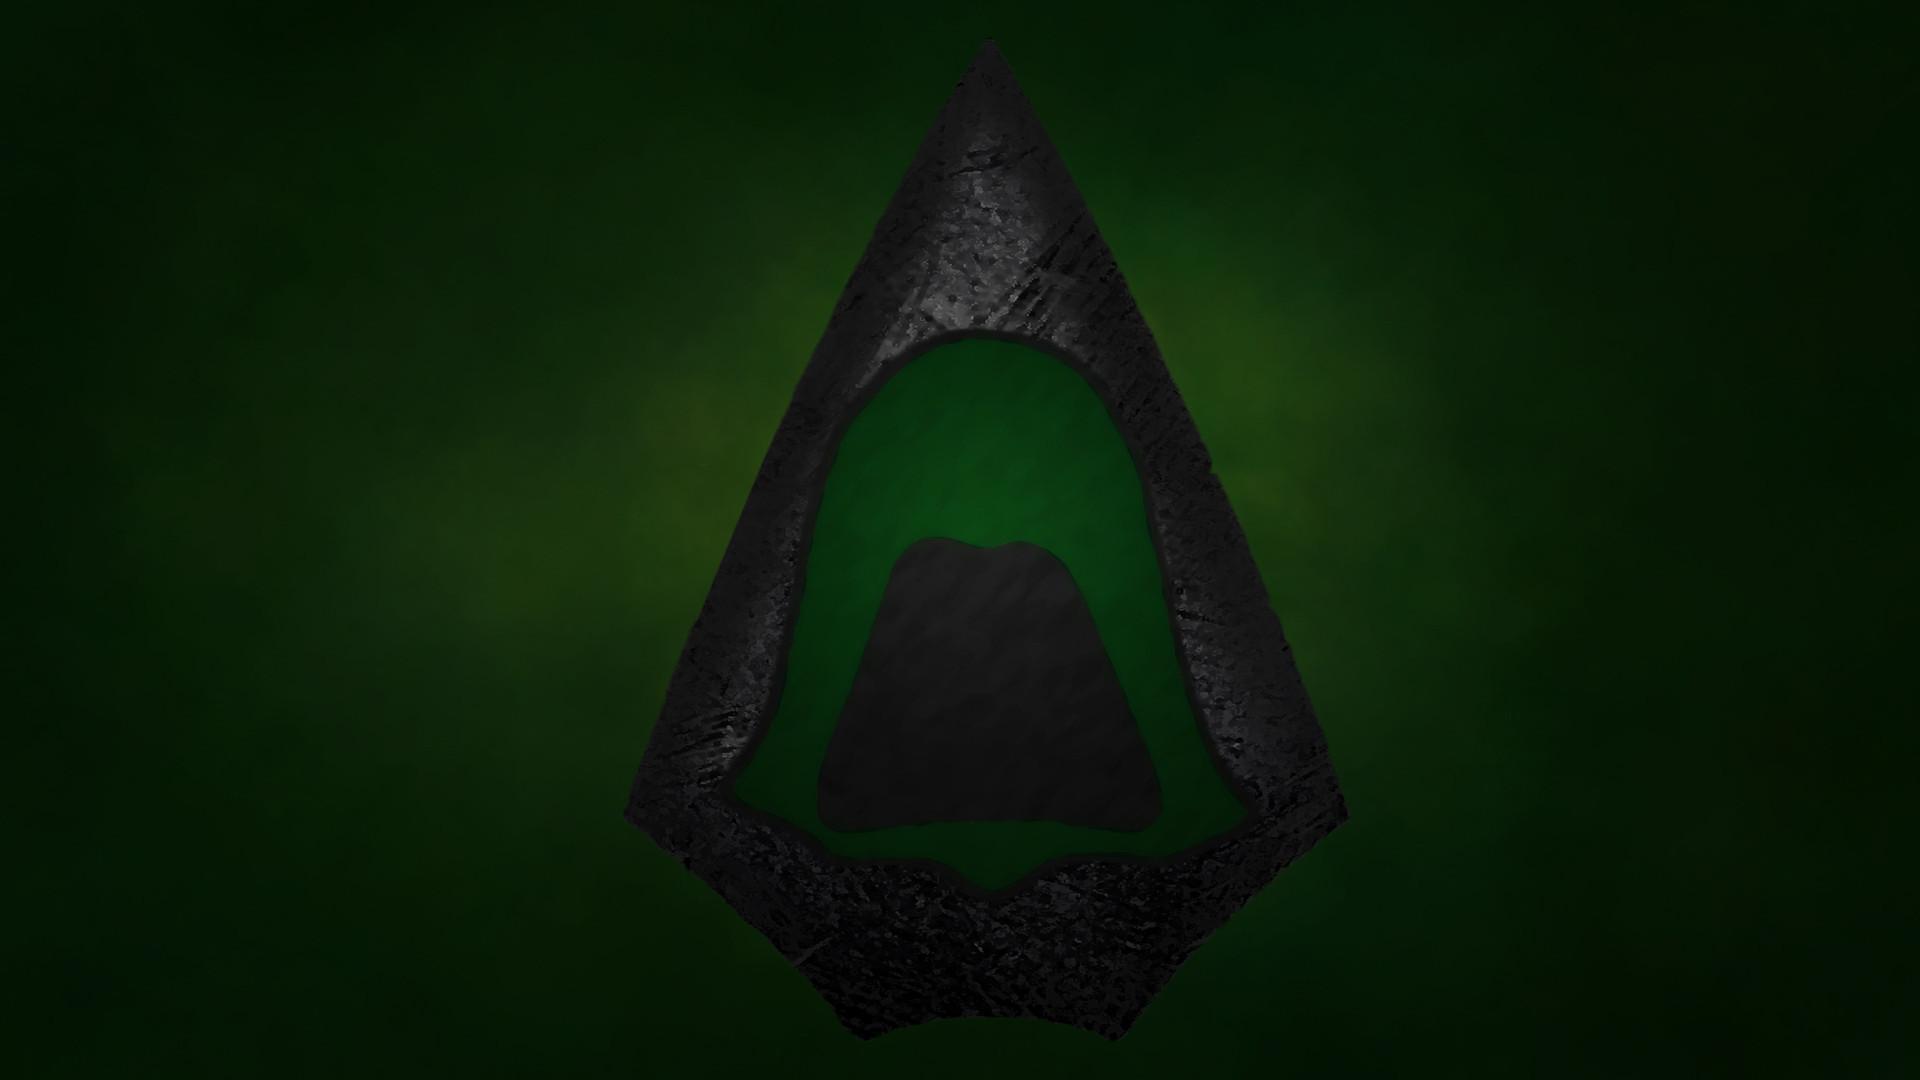 Green Arrow Wallpaper Simplistic ish [19201080] 1920x1080